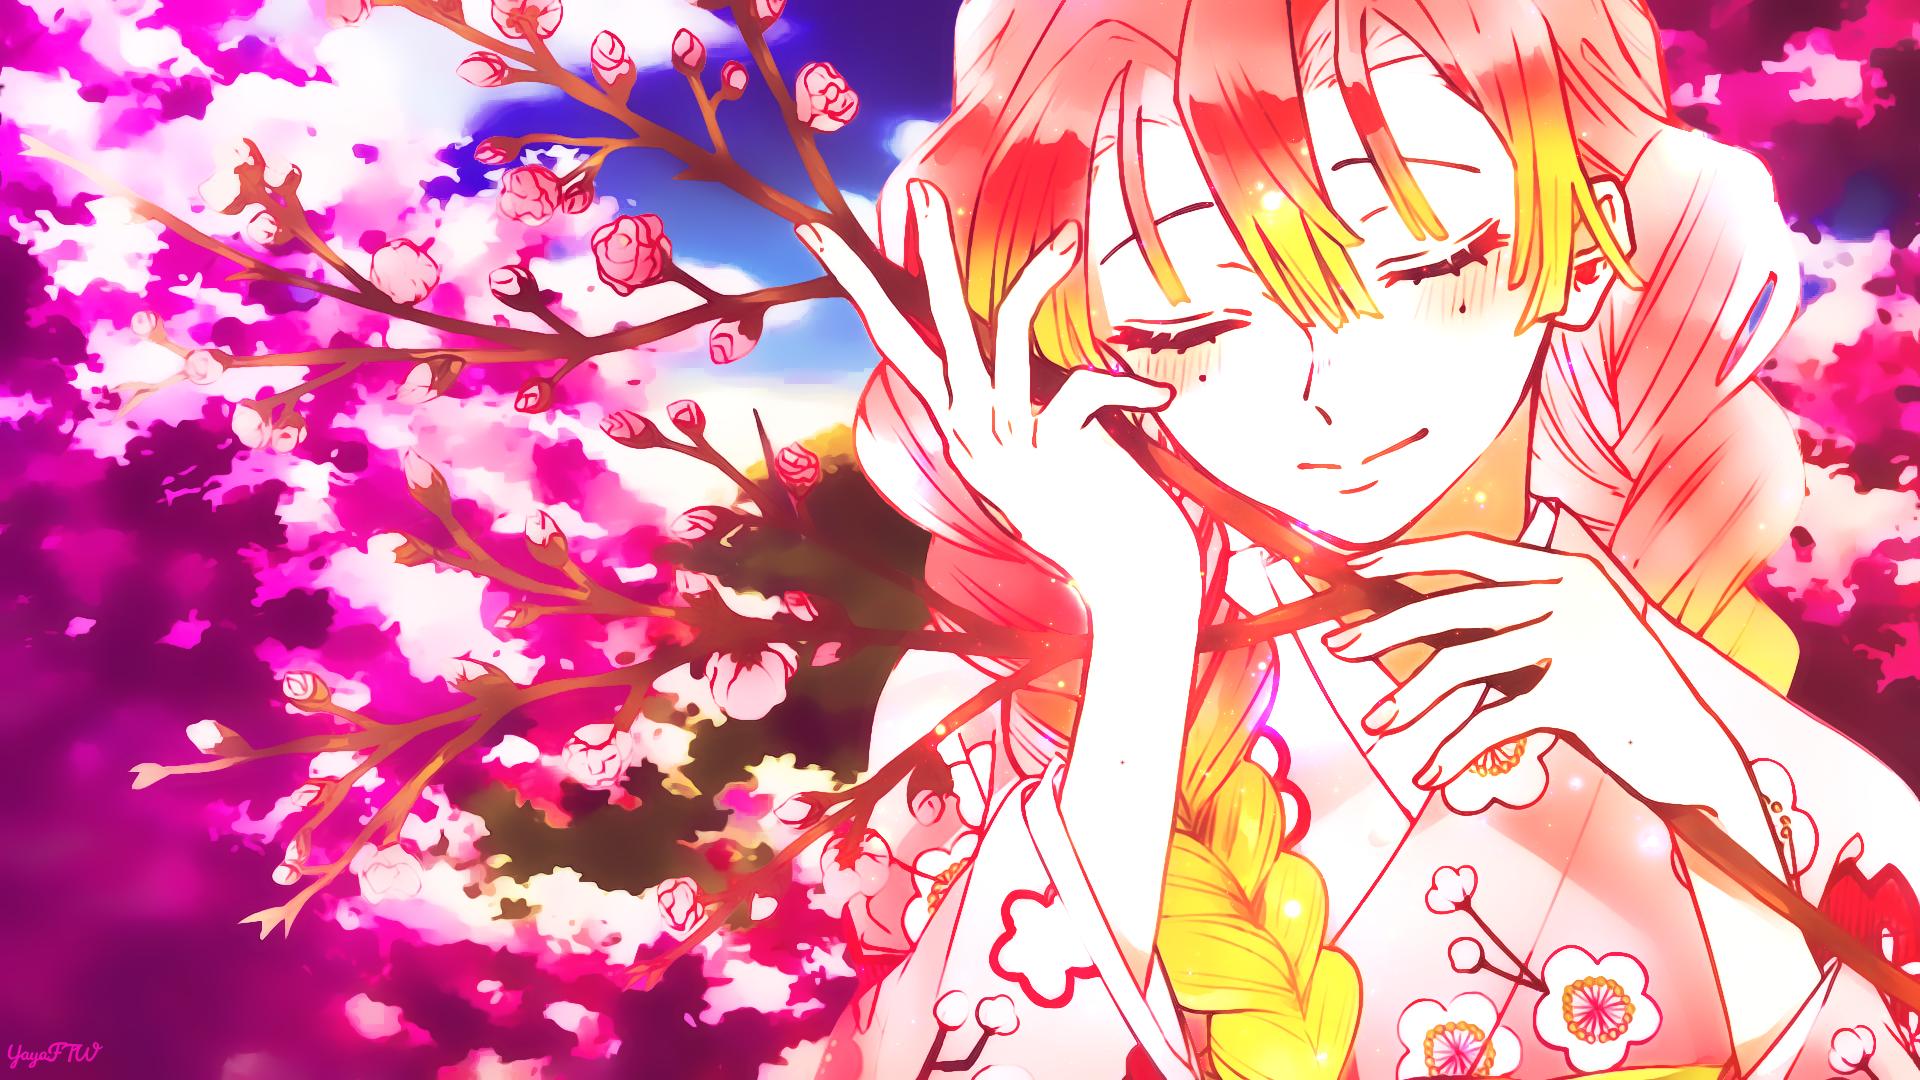 Mitsuri Kanroji Kimetsu No Yaiba By Yayaftw On Deviantart Anime pictures and wallpapers with a unique search for free. mitsuri kanroji kimetsu no yaiba by